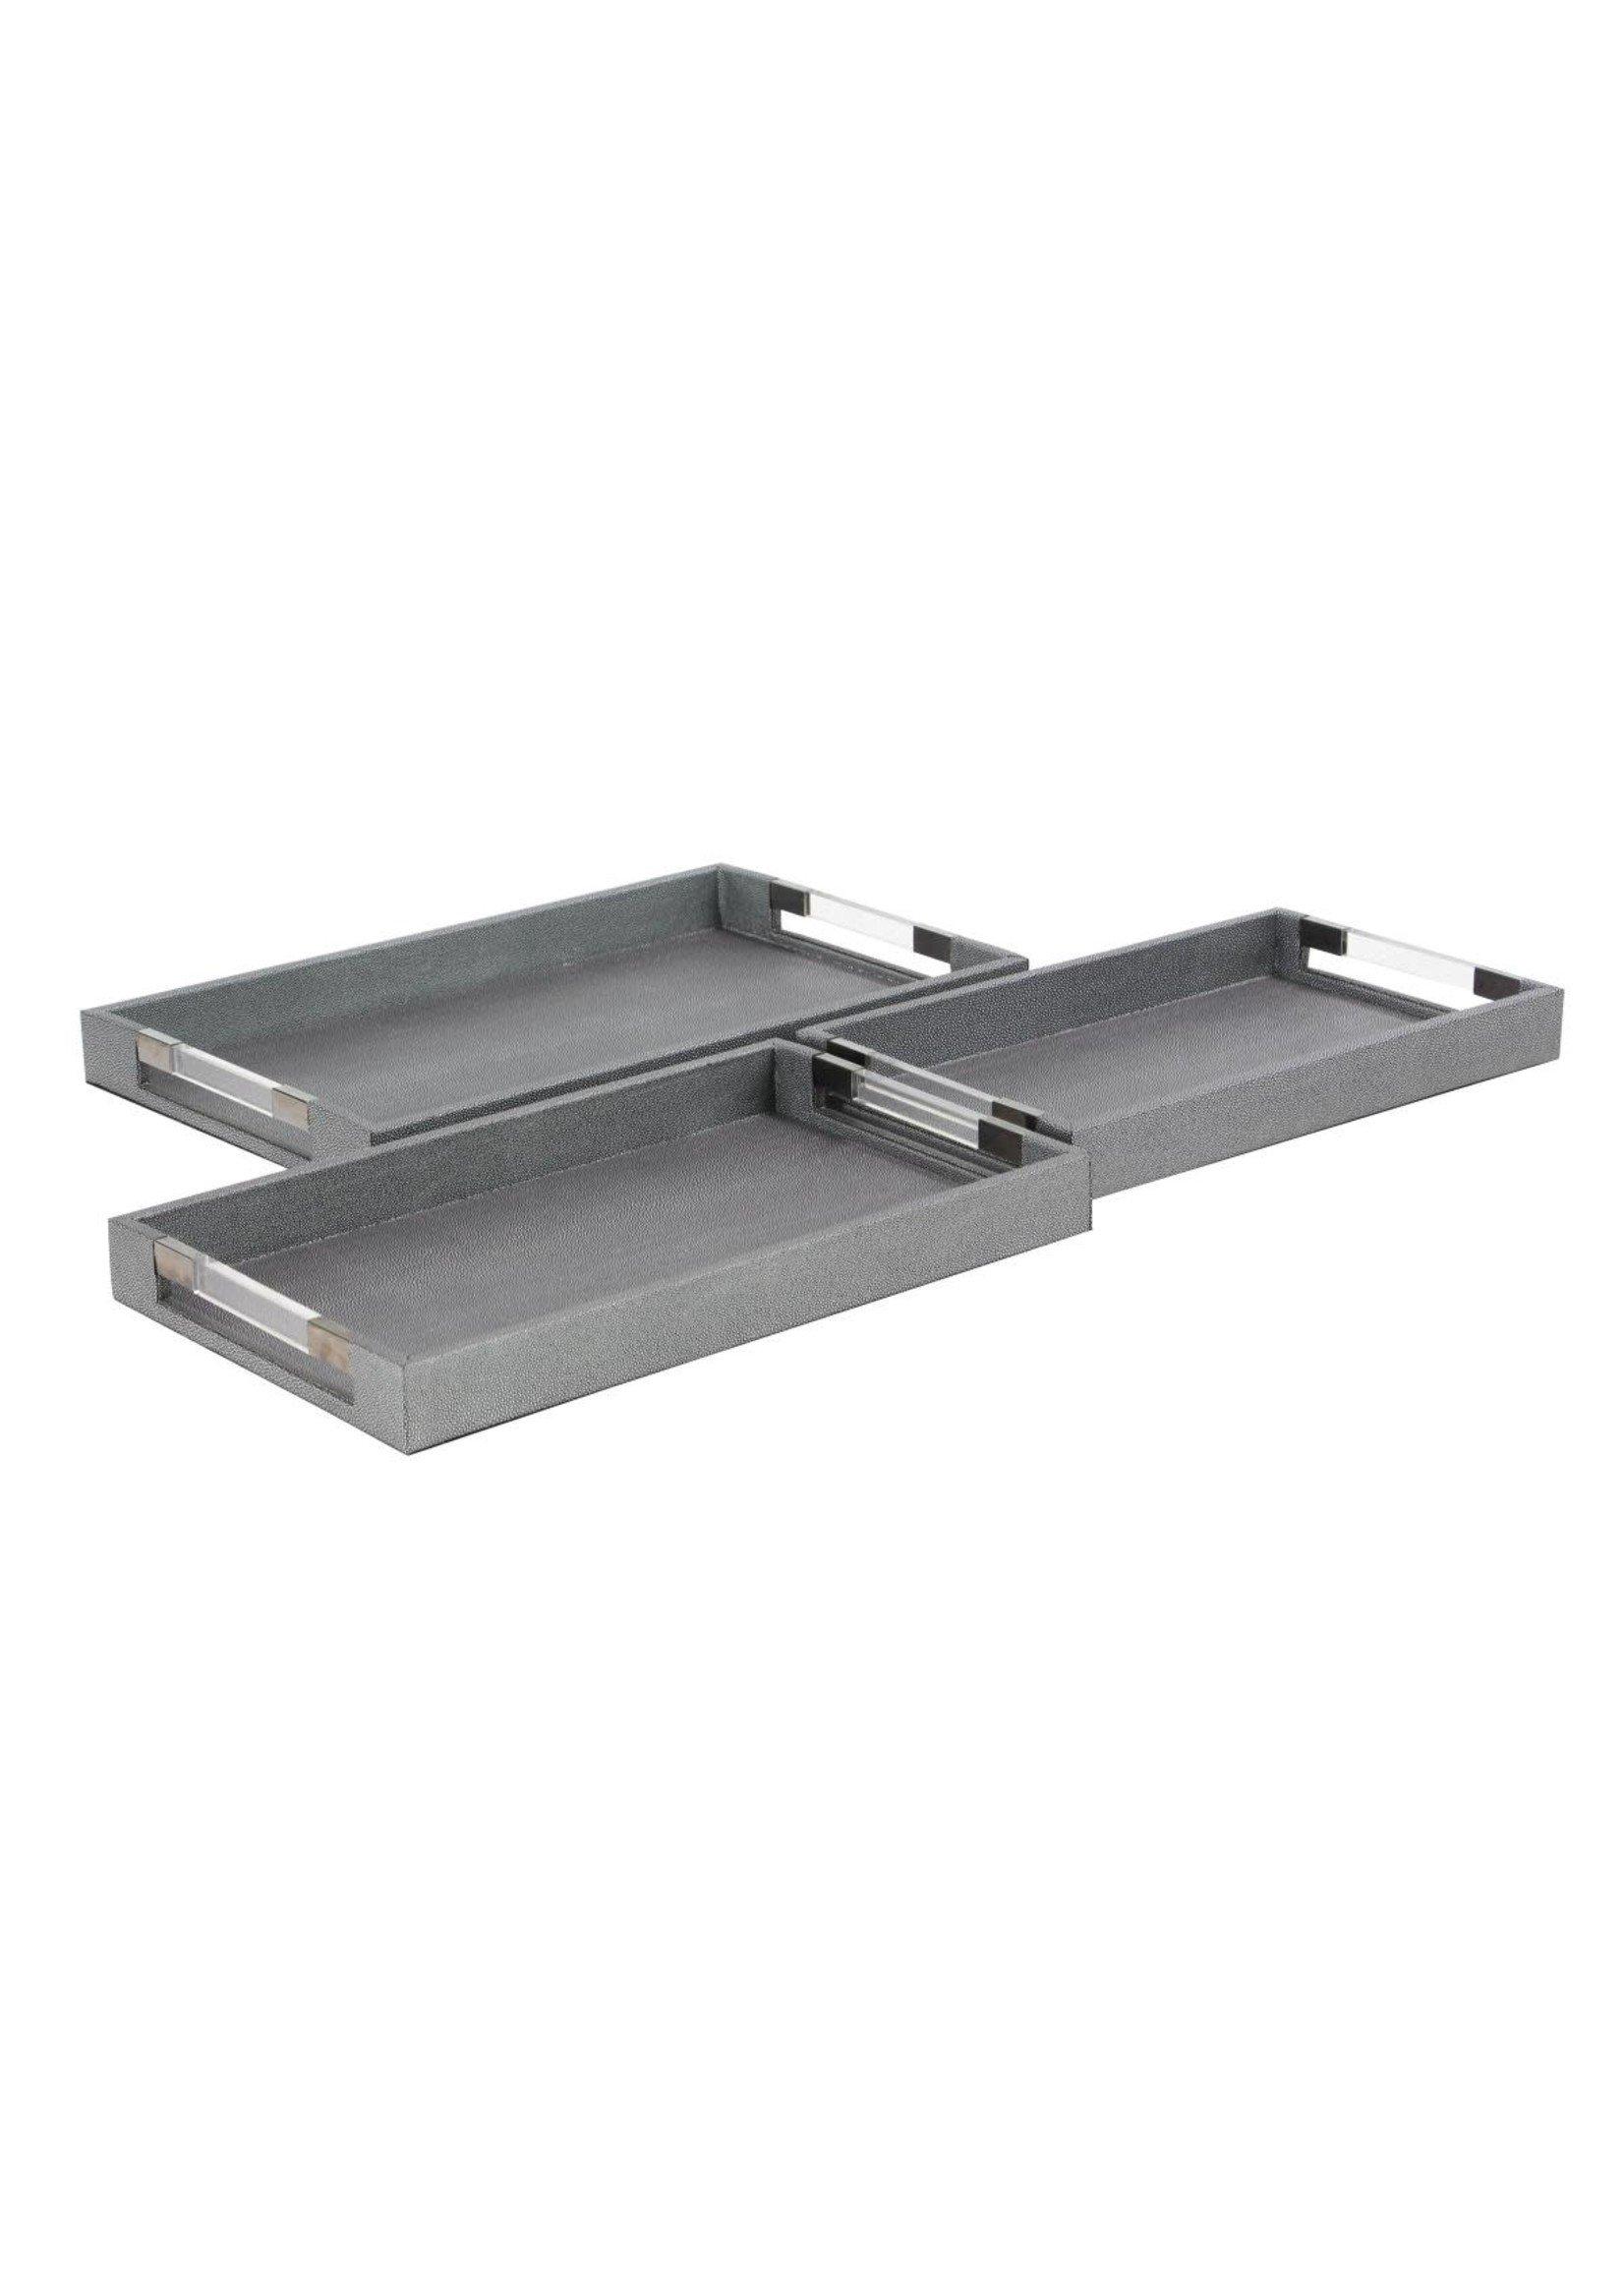 UMA Enterprises Wood Acrylic Tray - Large